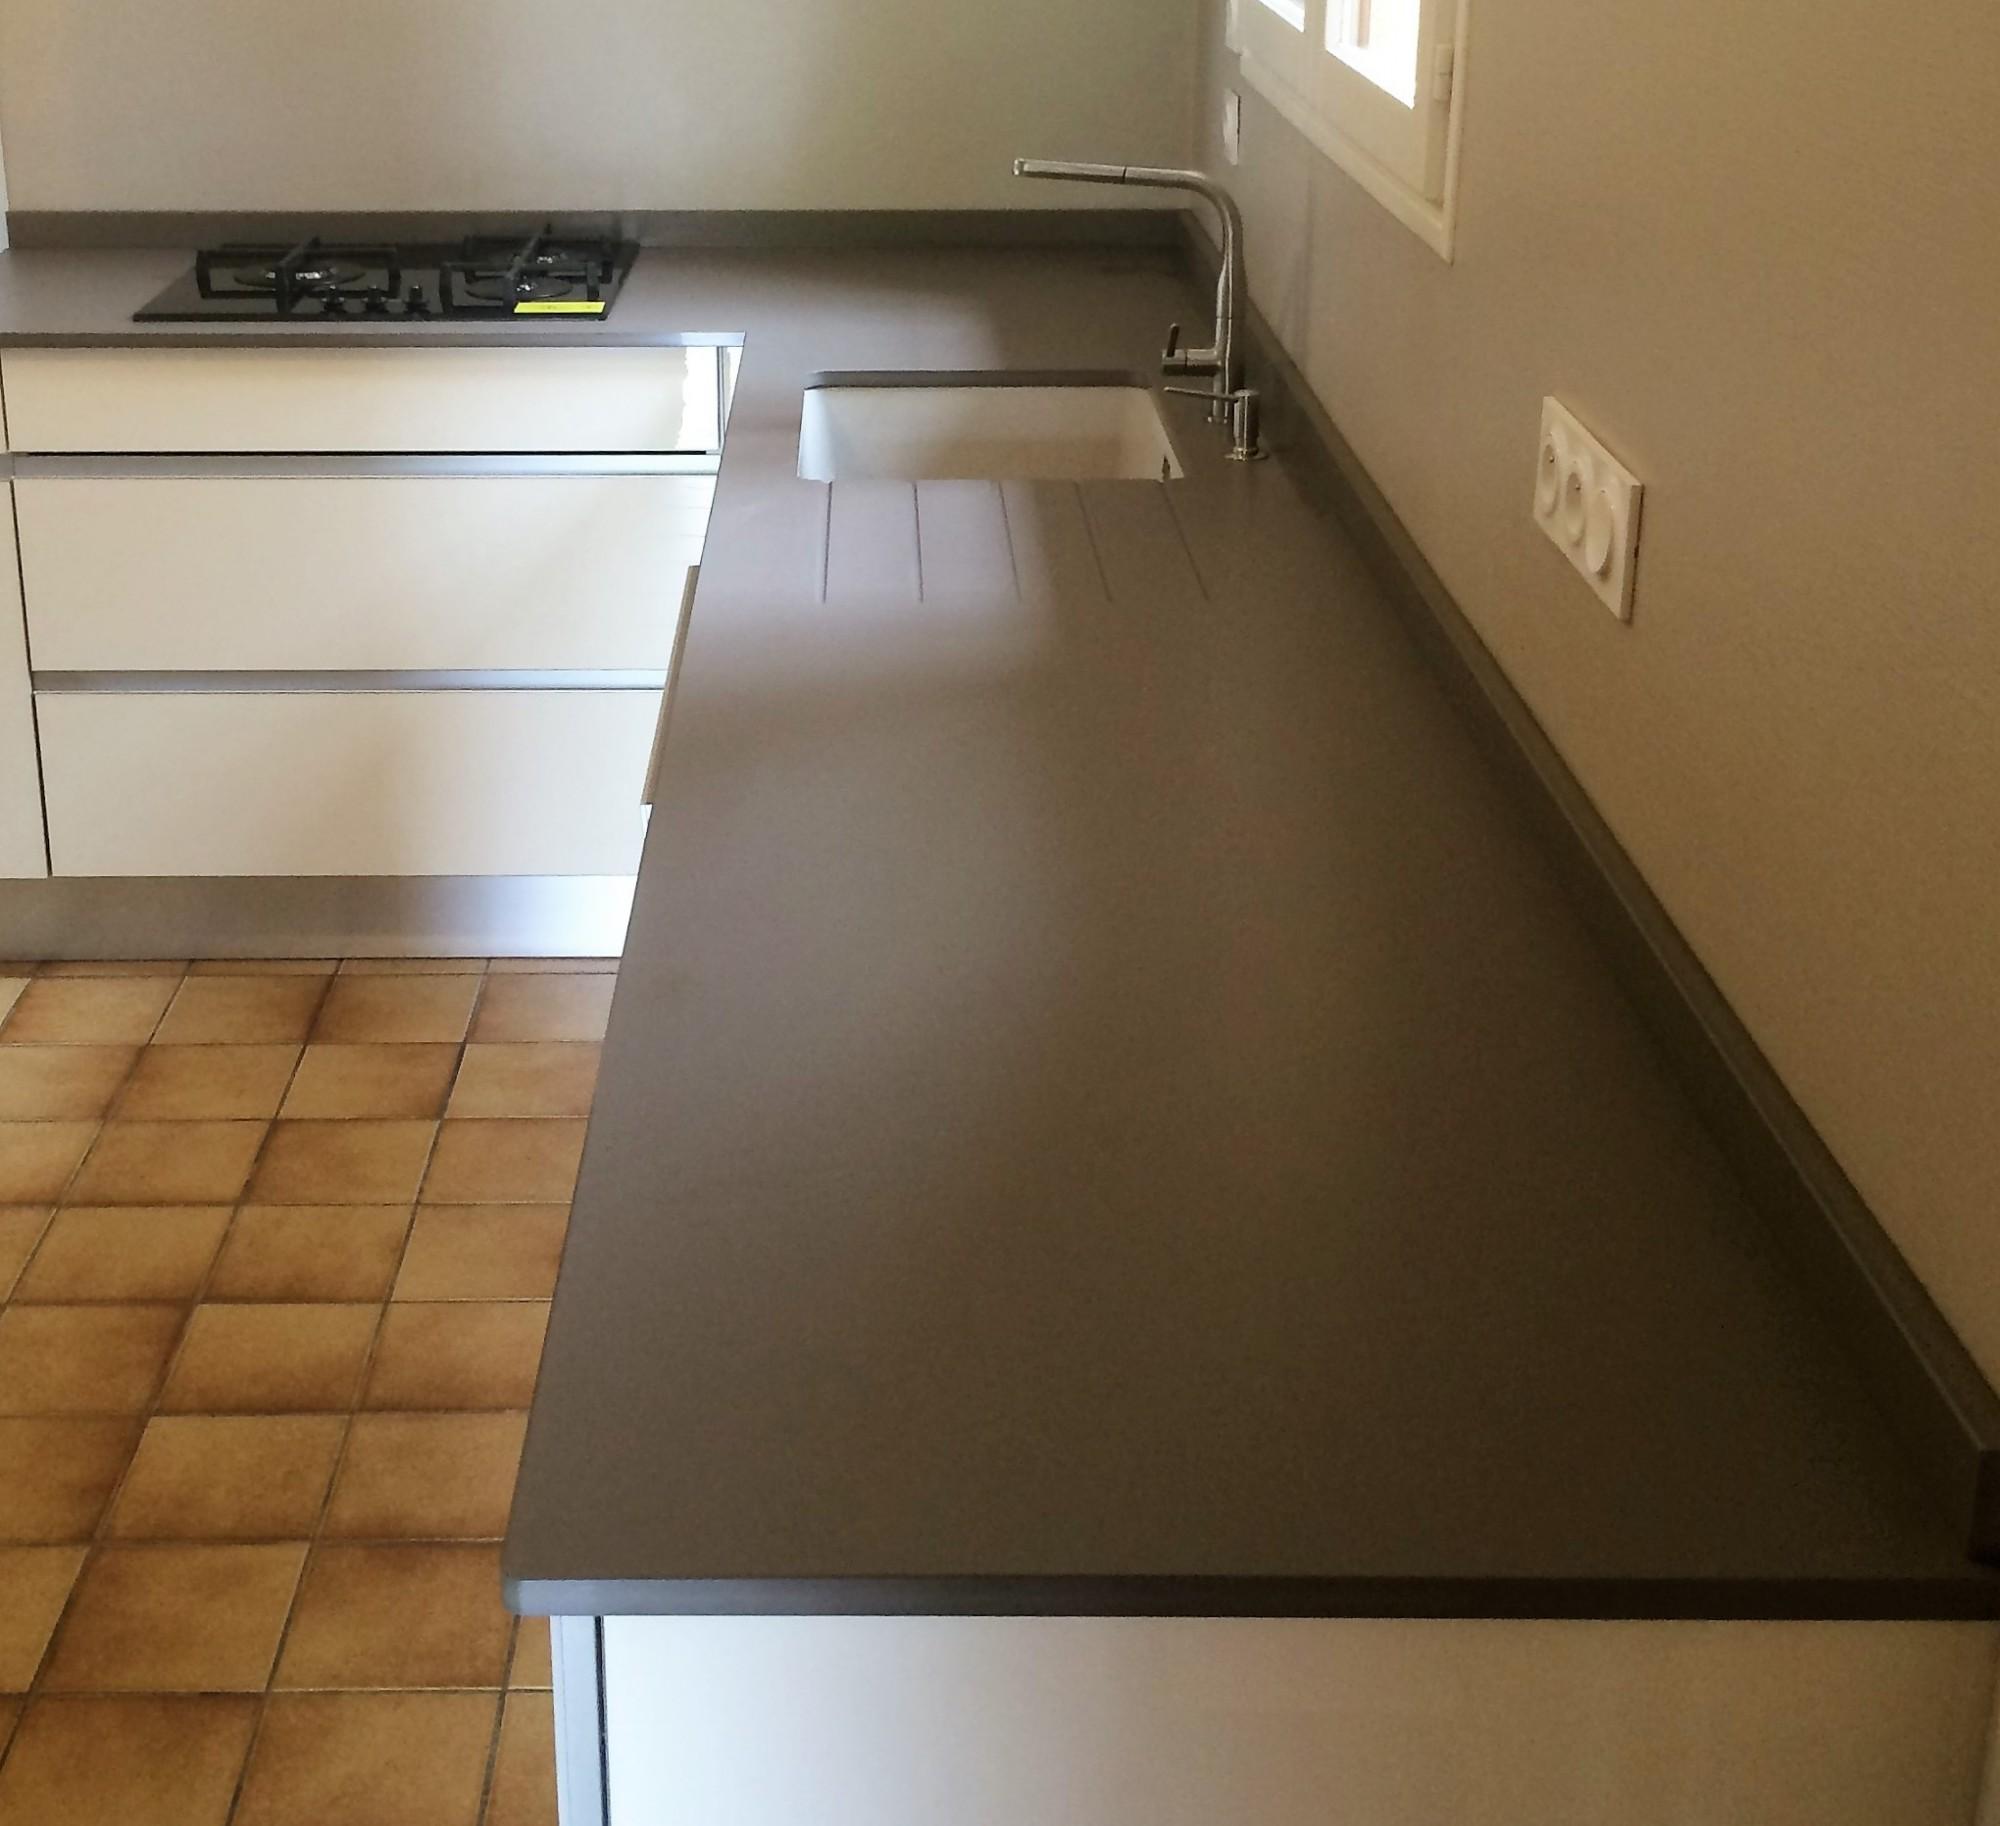 dekton galema coloris disponible chez votre marbrier du bassin d 39 arcachon hm deco bordeaux. Black Bedroom Furniture Sets. Home Design Ideas